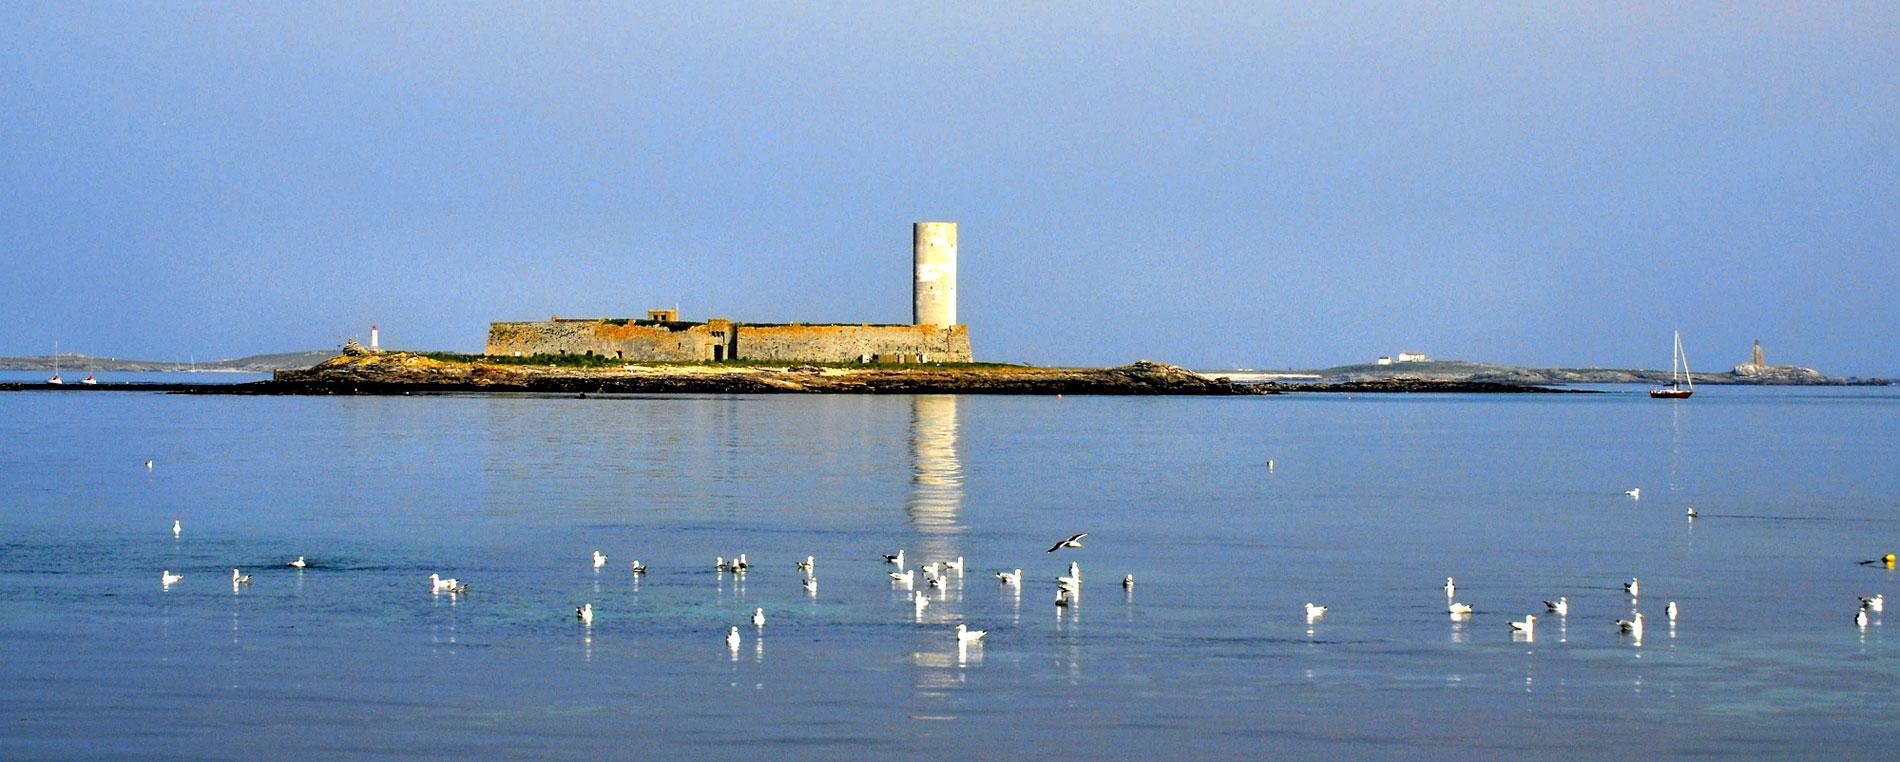 Veiller sur le patrimoine maritime : Penfret et Cigogne